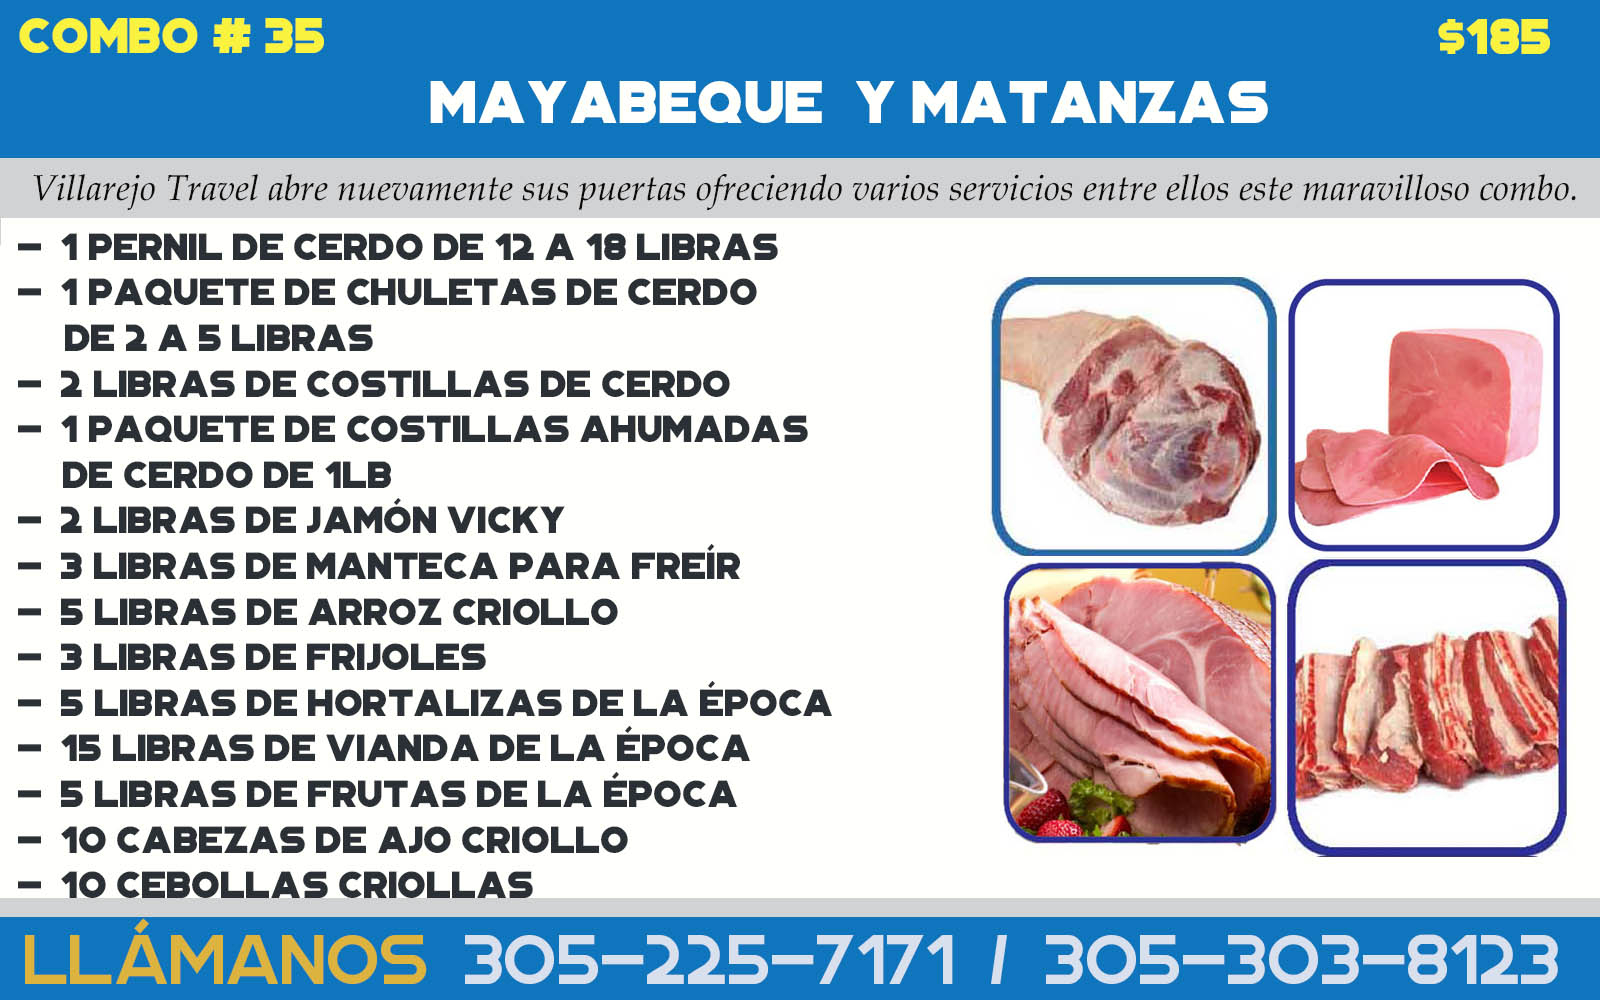 COMBO # 35 MAYABEQUE  Y MATANZAS (Combinado)